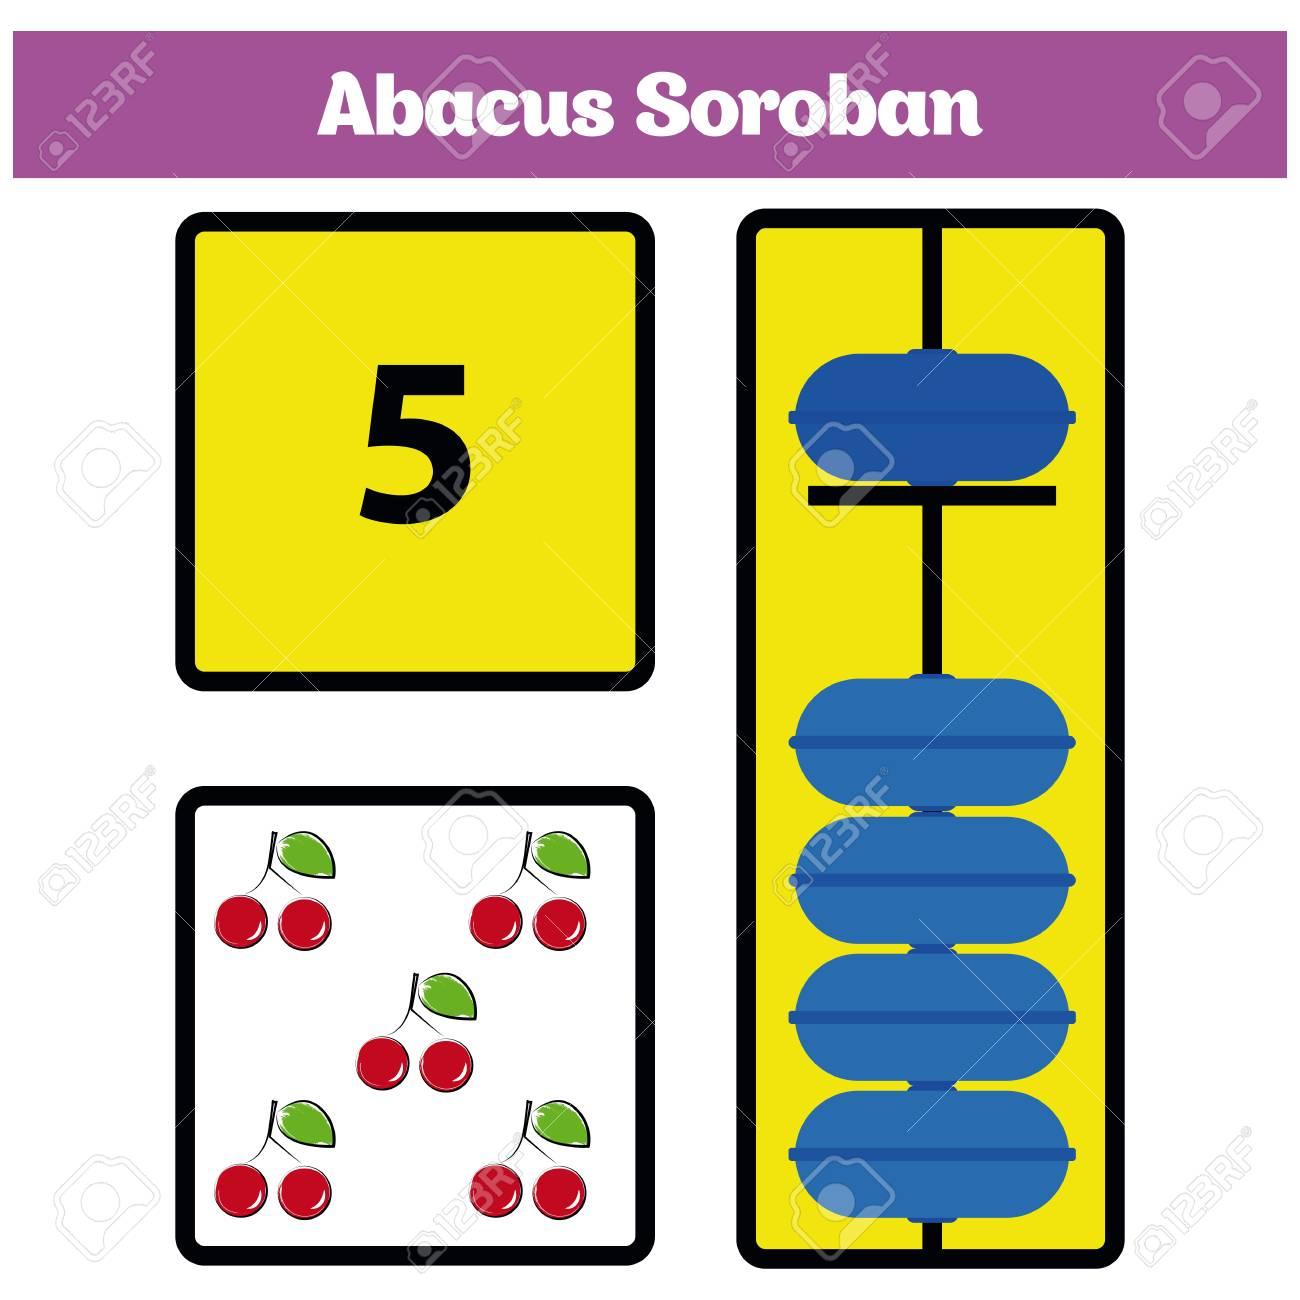 Los Niños De Abacus Soroban Aprenden Números Con ábaco, Hoja De ...